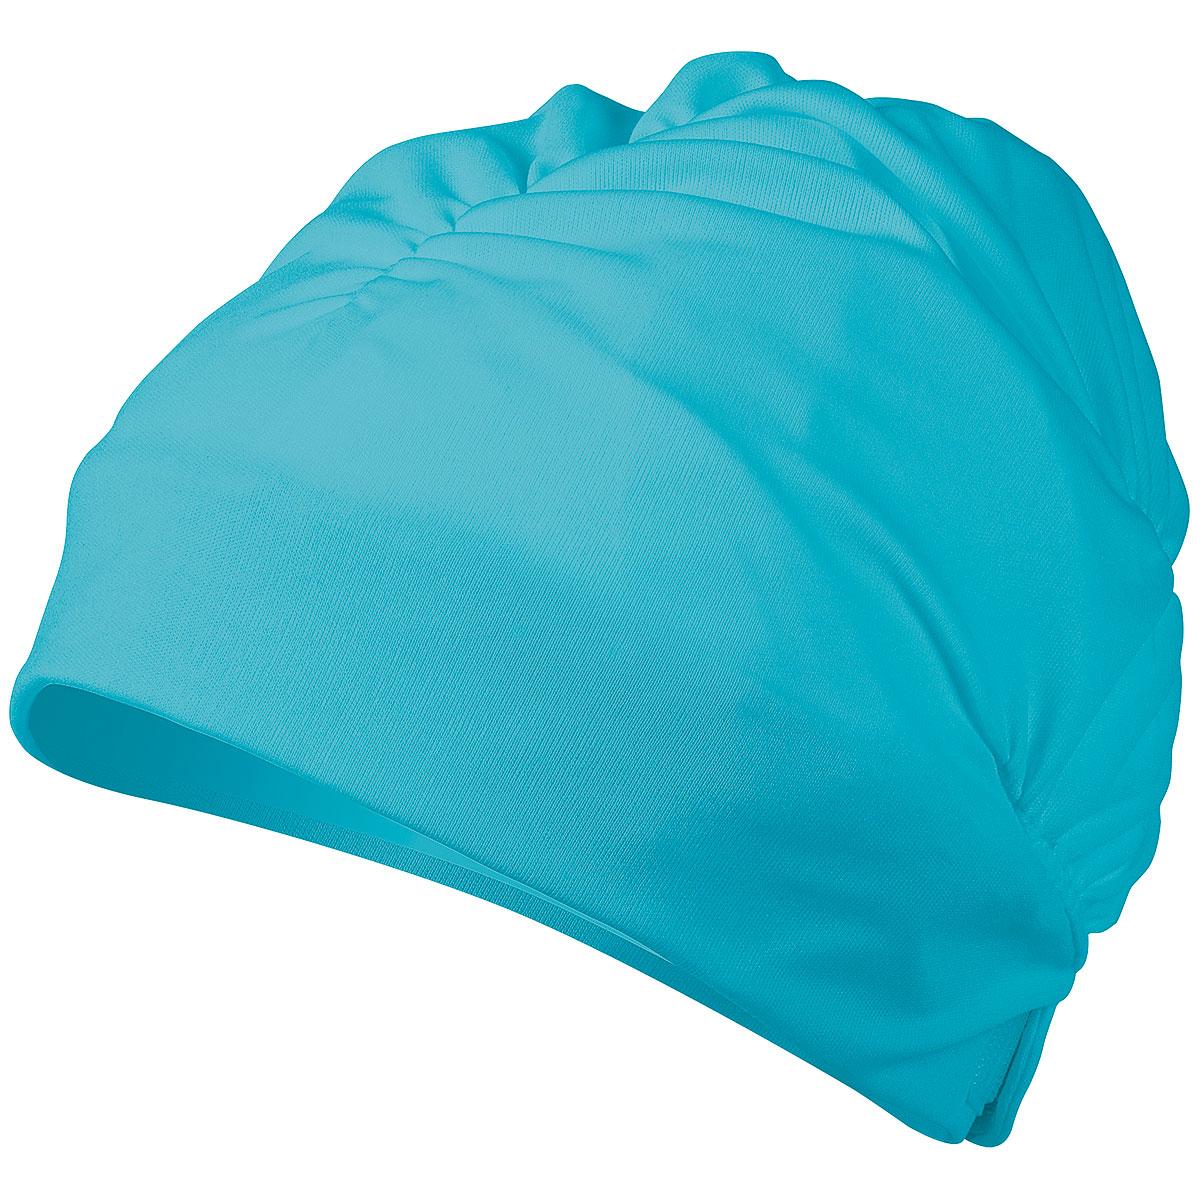 Aqua Sphere Aqua Comfort Swimming Cap  Turquoise